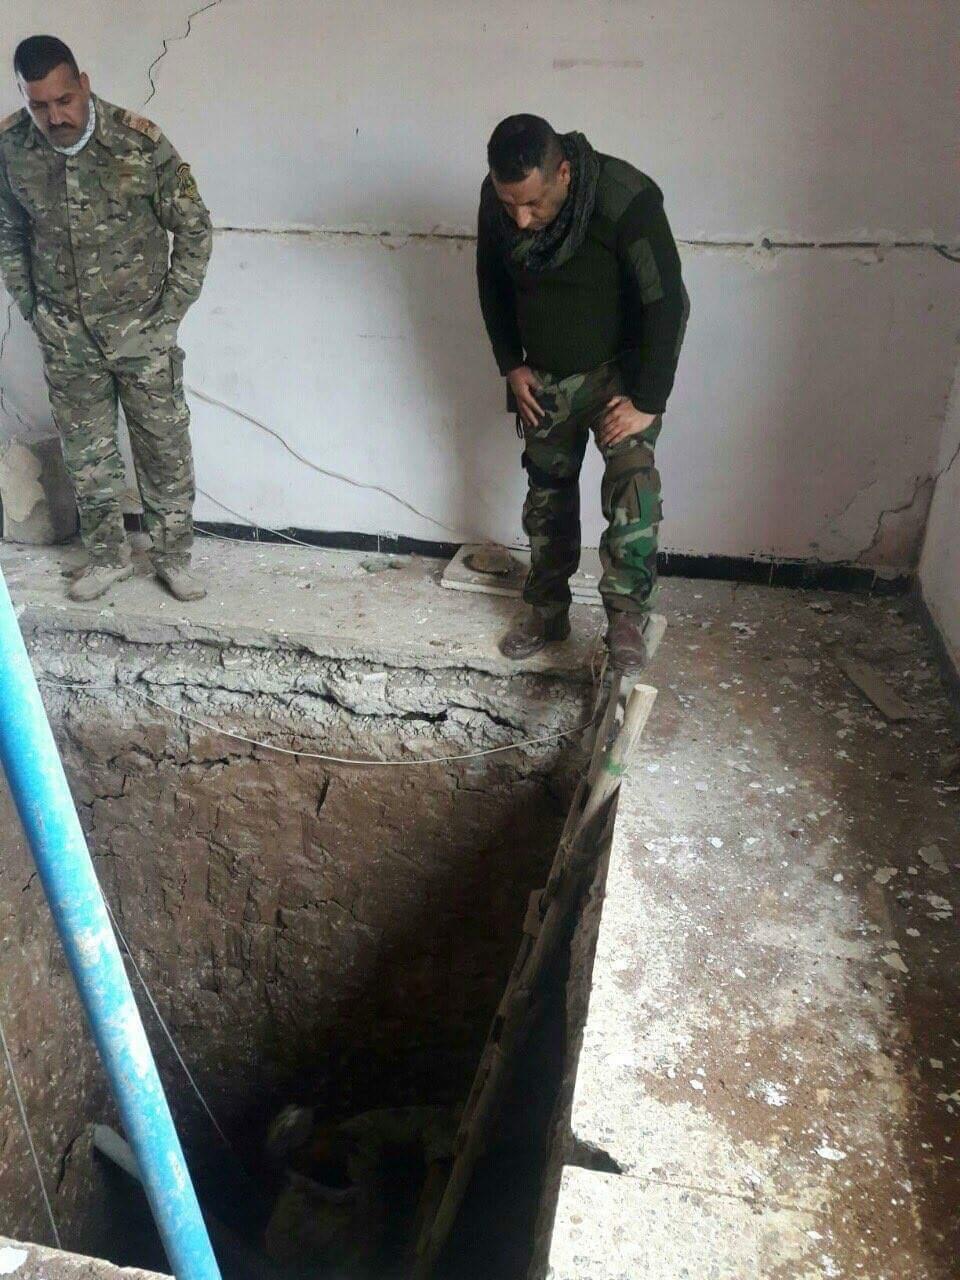 کشف بزرگترین شبکه تونلی داعش در منطقه «الهیاکل»/ تبعه «اماراتی»،عامل انتحاری بازار شرق موصل + تصاویر